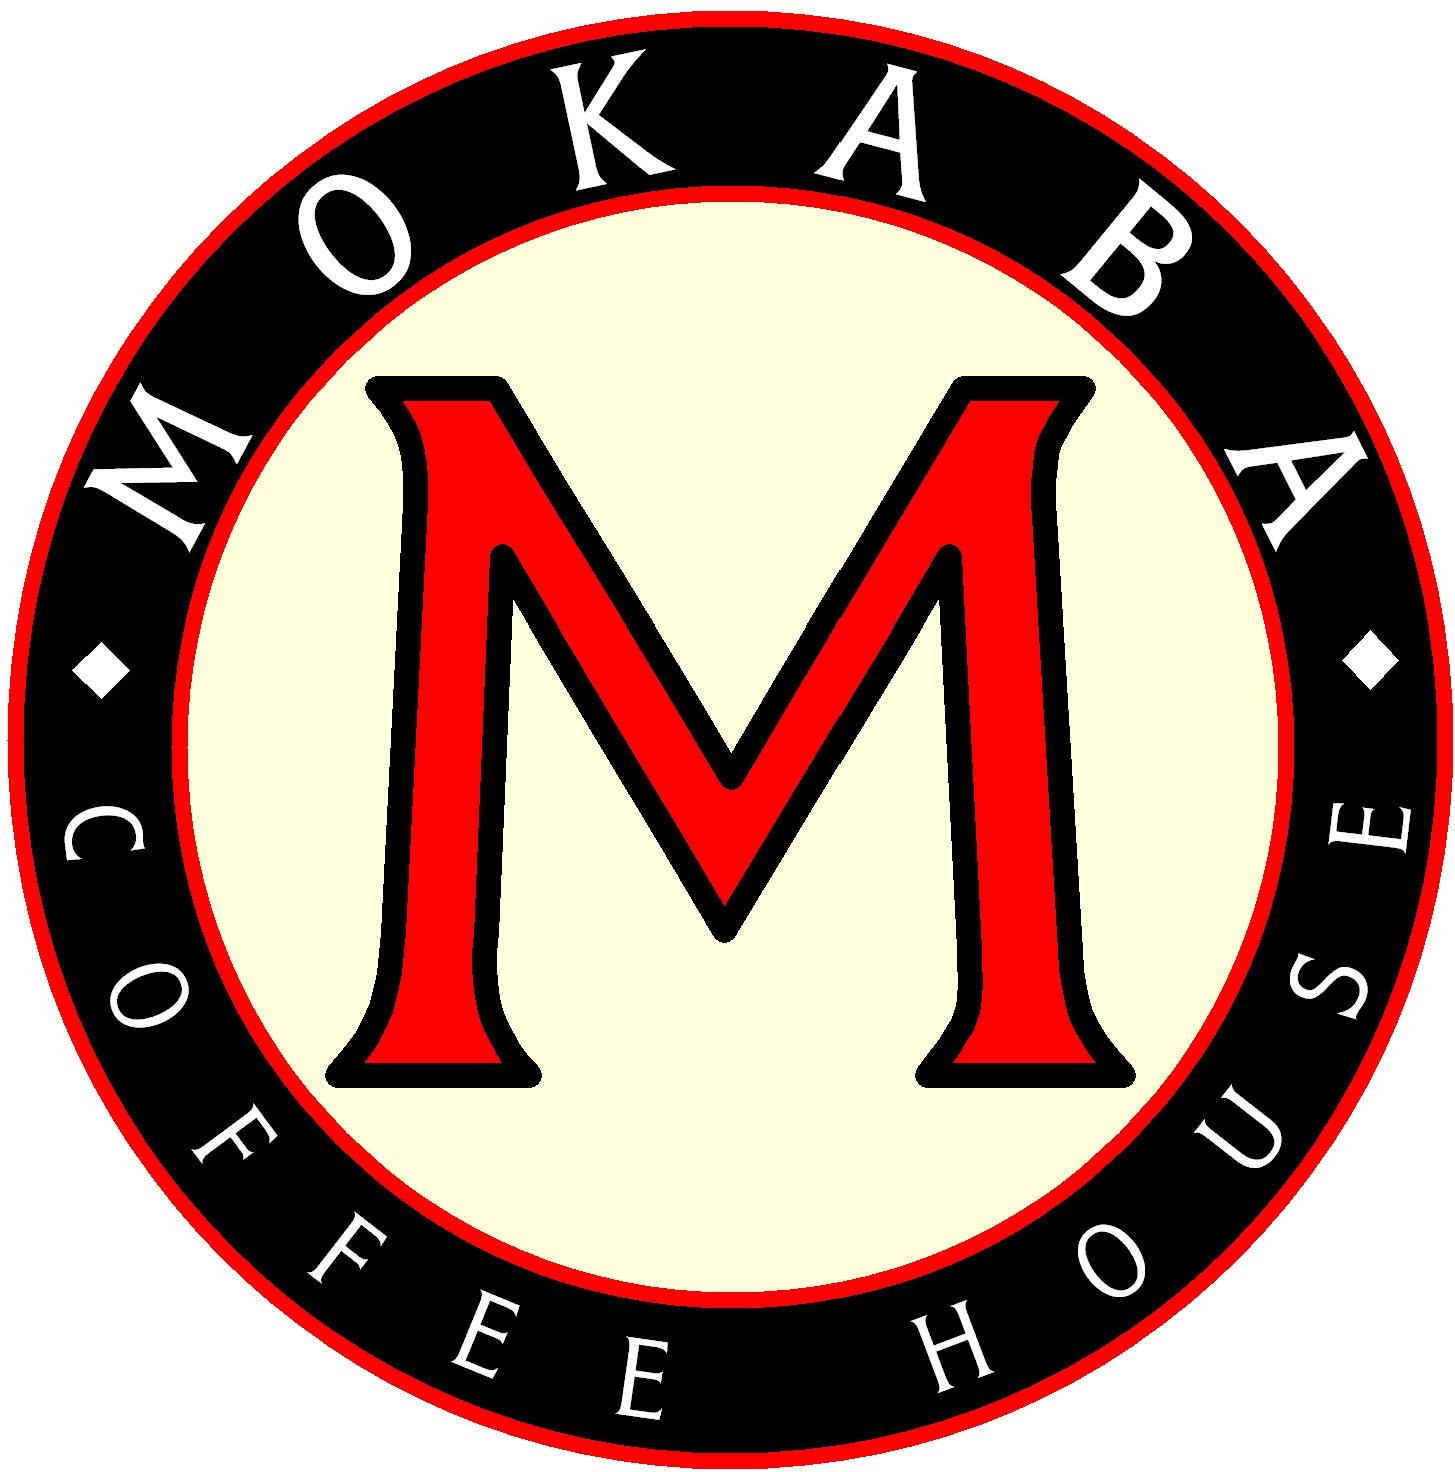 Mokaba Cafe